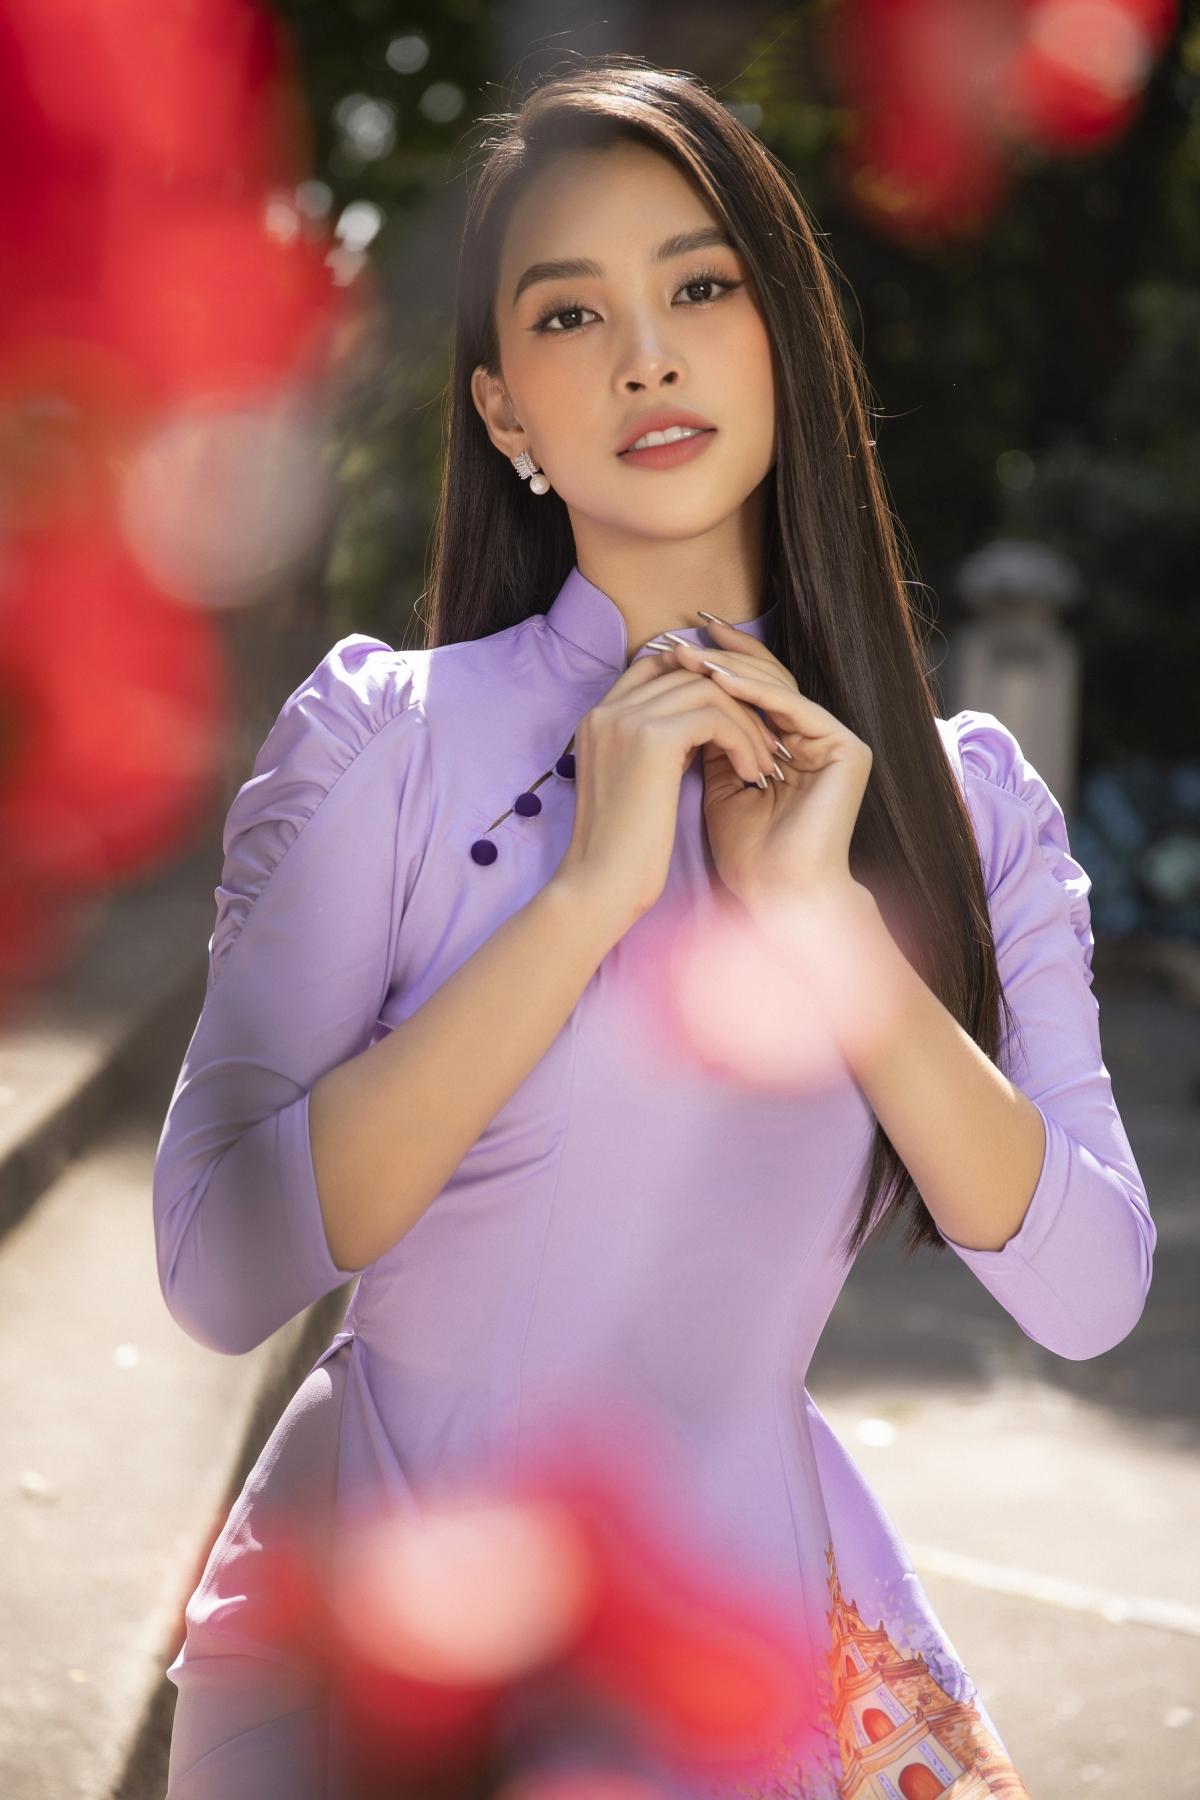 Sở hữu những đường nét thanh tú, khi khoác lên mình bộ trang phục truyền thống lại càng tôn lên vẻ đẹp của một người phụ nữ Việt Nam.